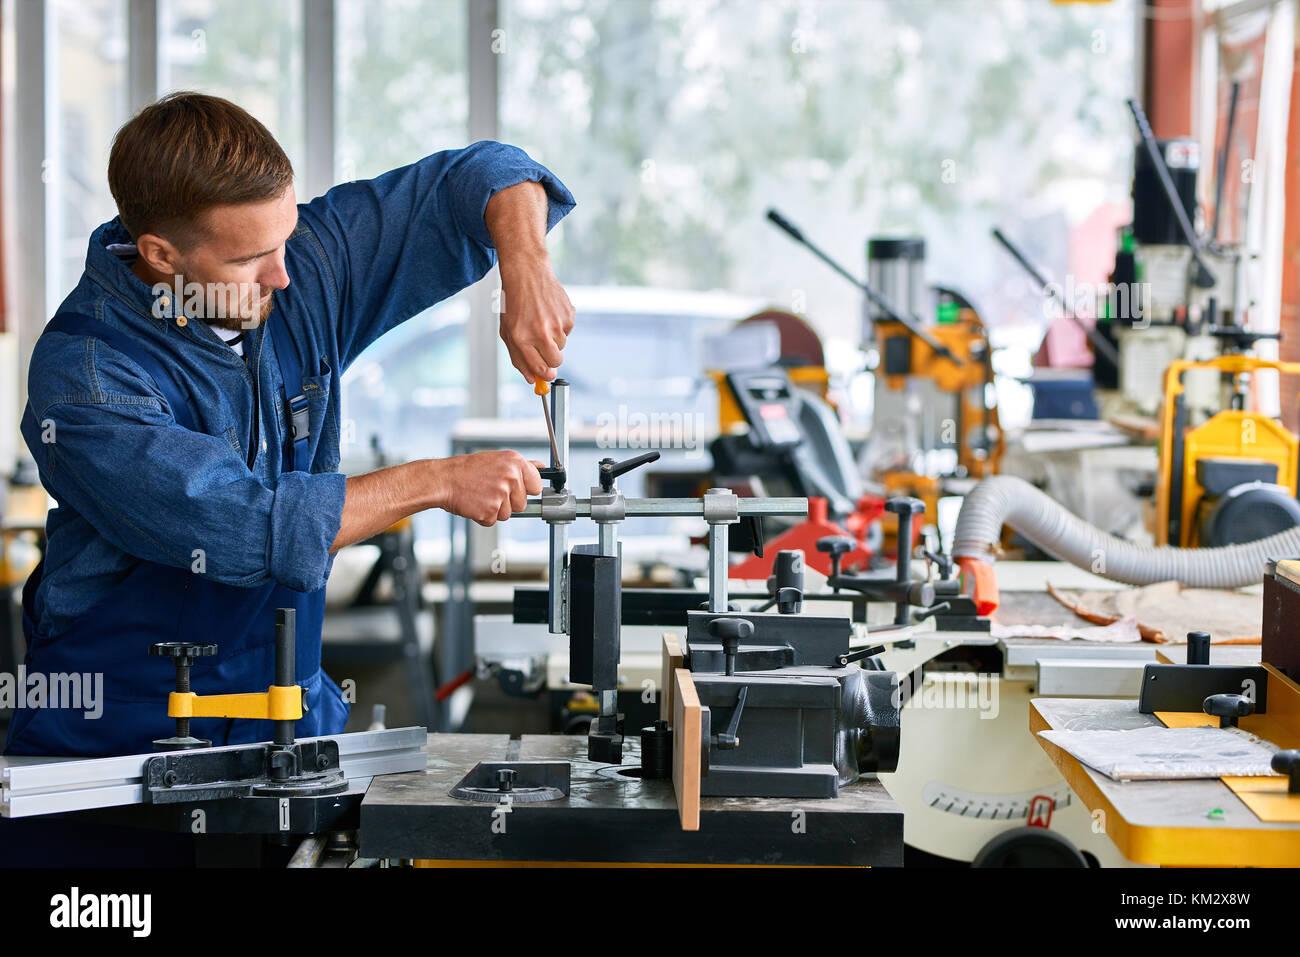 Hombre reparando máquinas en la fábrica Imagen De Stock